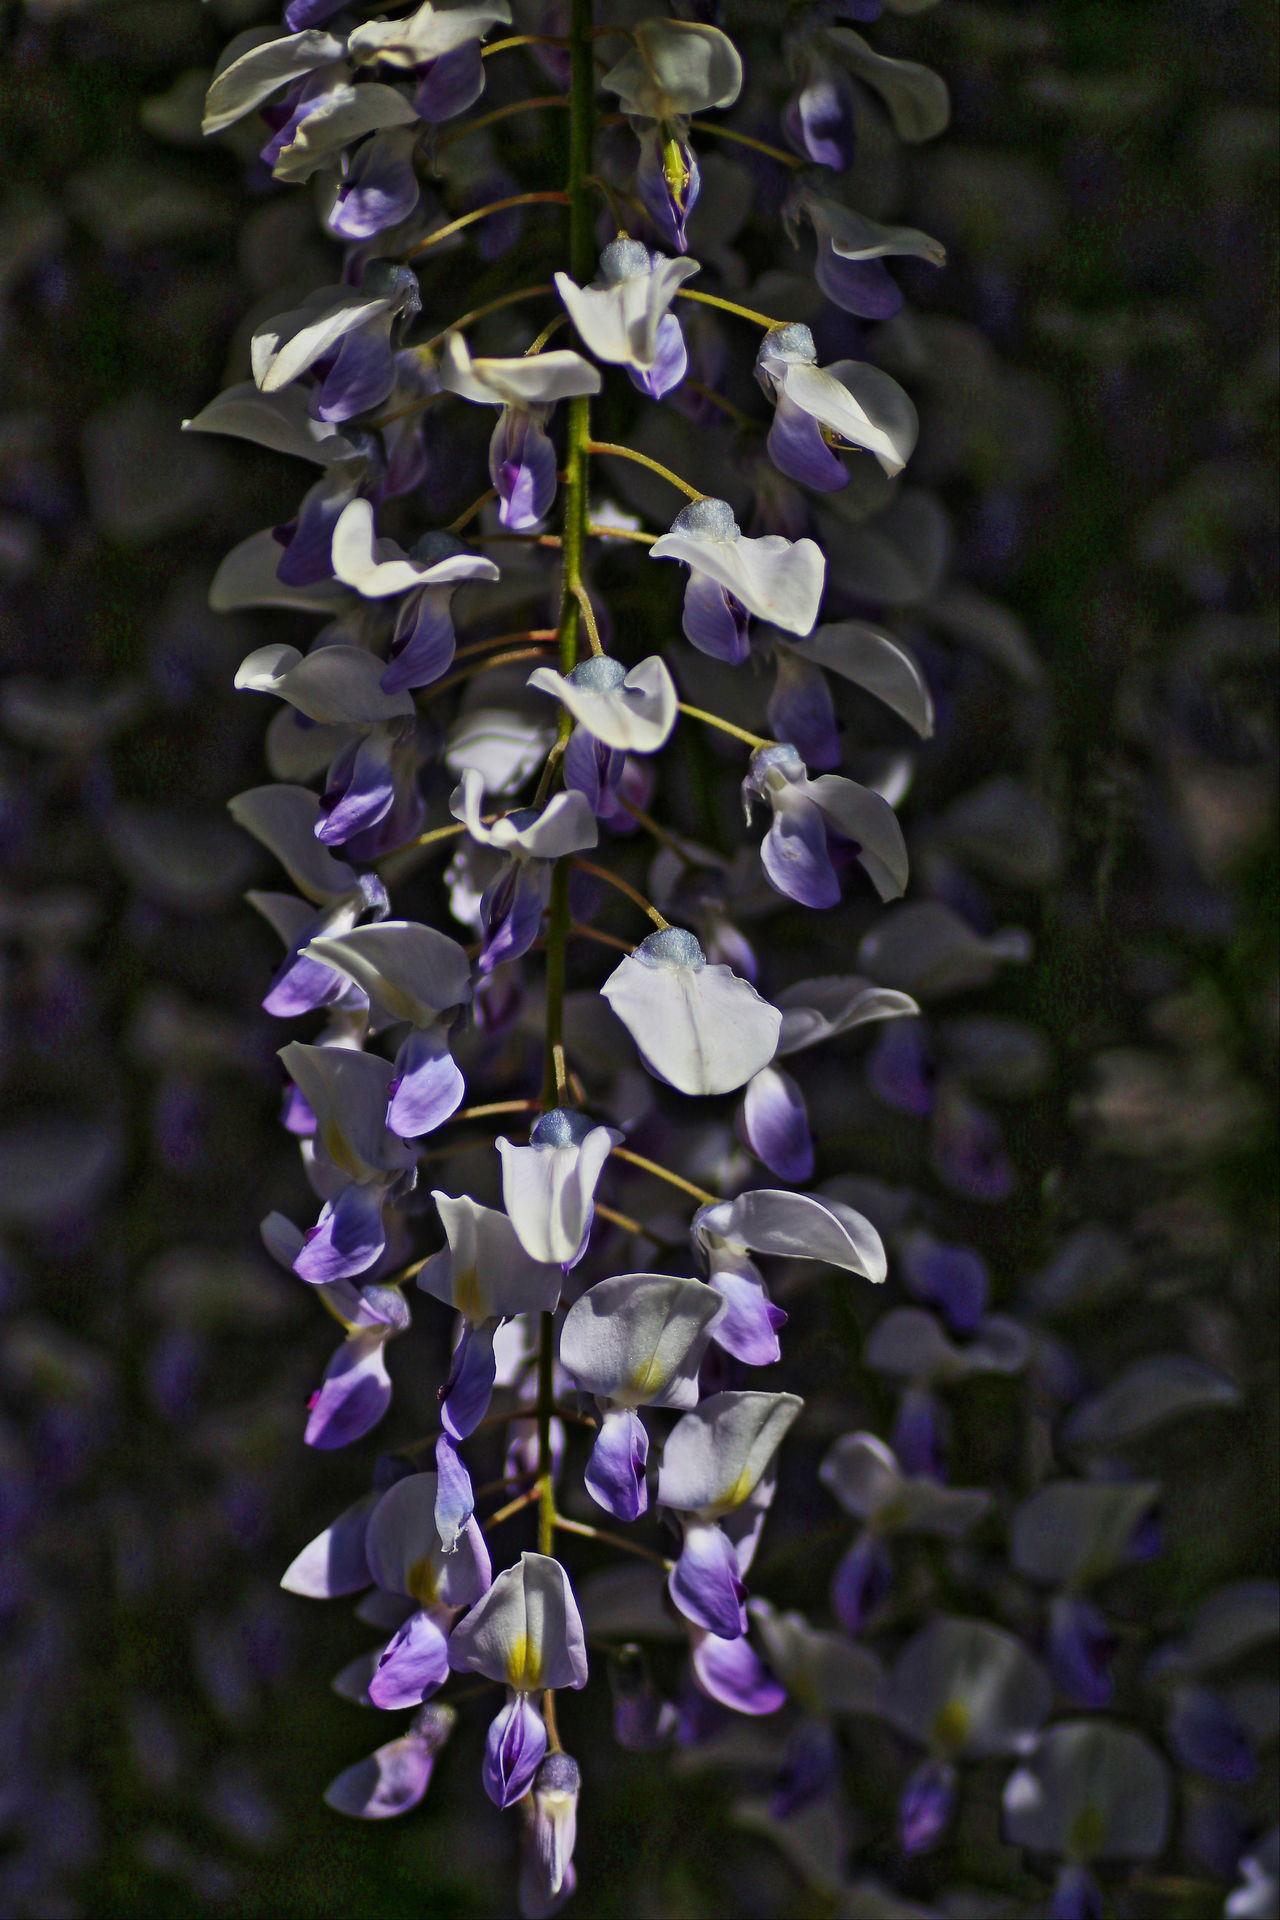 Blooming Day Fiori Flower Fragility Glicine Insetti Nature Outdoors Primavera2017 Purple